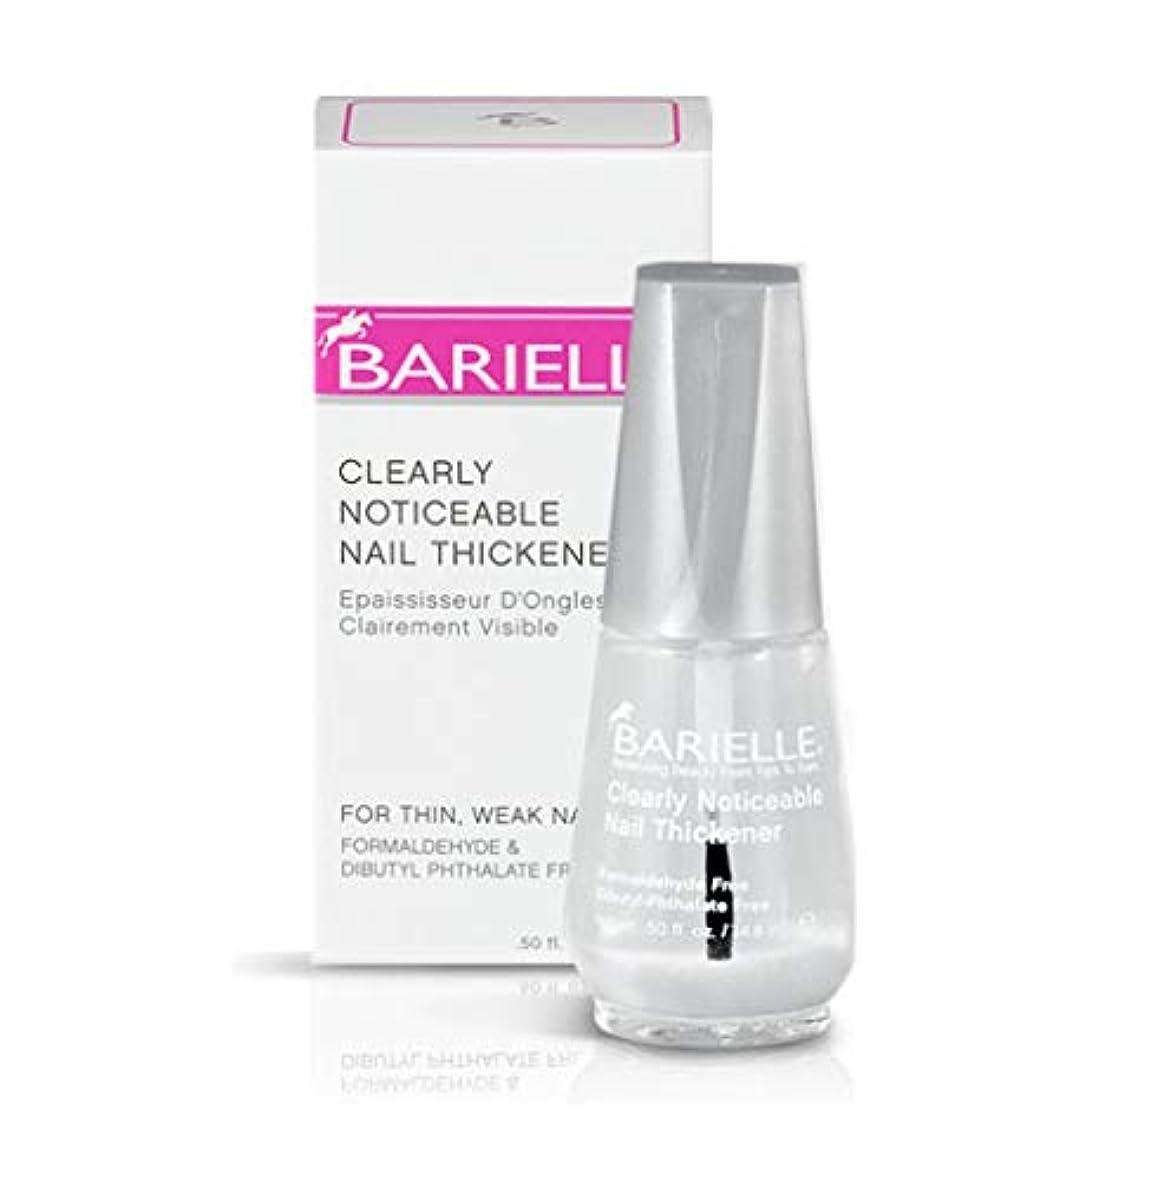 すなわち曇った見せますBARIELLE バリエル ネイル ティッケナー 14.8ml ベースコート Clearly Noticeable Nail Thickener 1070 New York 【正規輸入店】